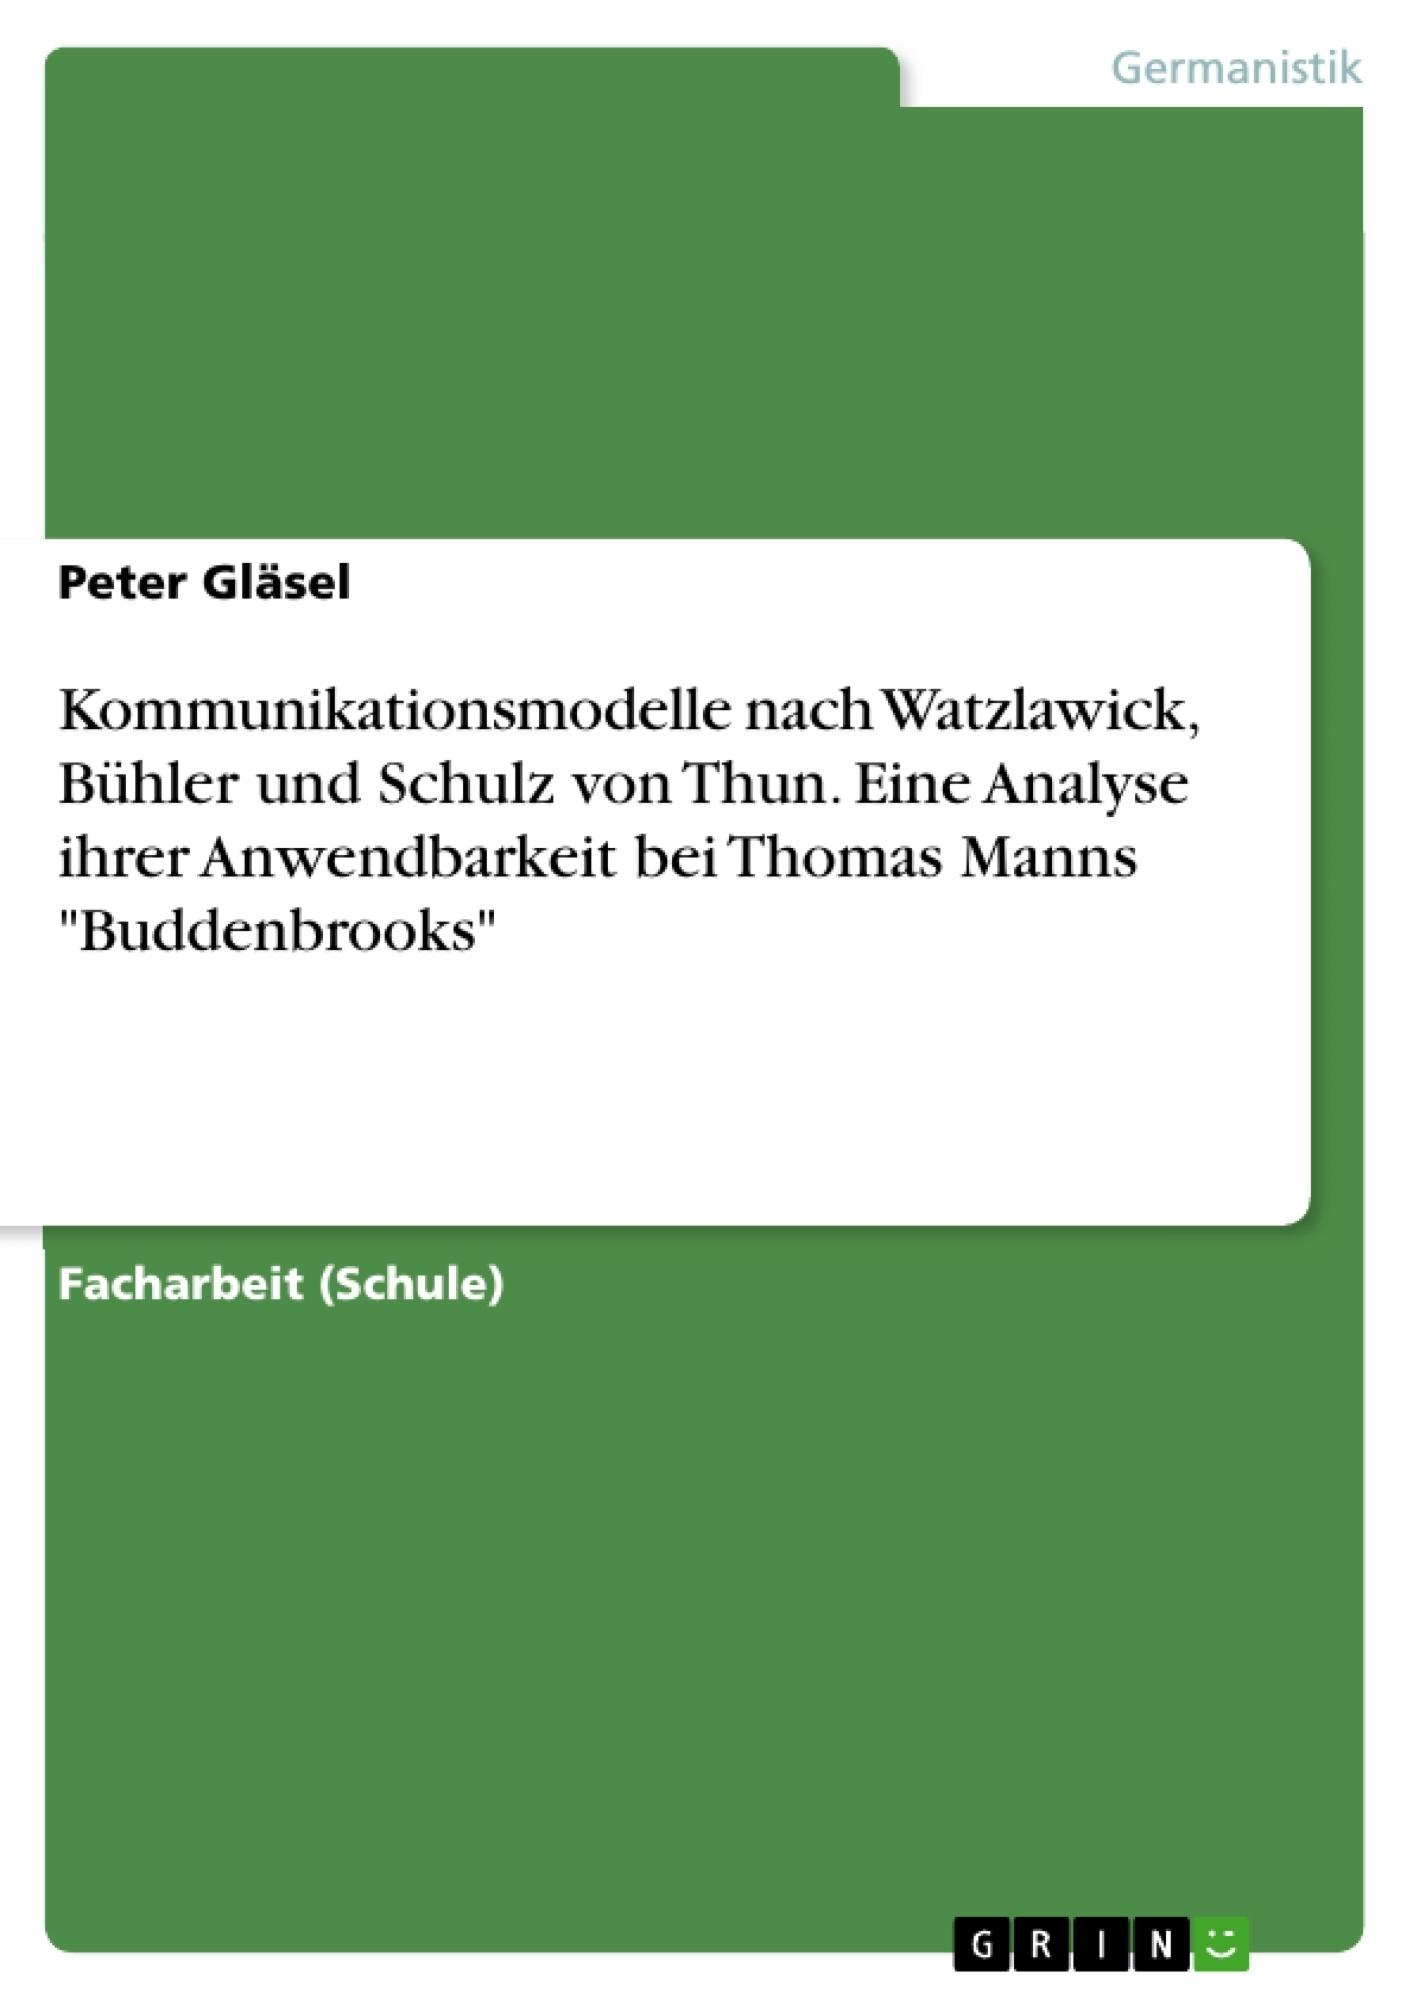 """Titel: Kommunikationsmodelle nach Watzlawick, Bühler und Schulz von Thun. Eine Analyse ihrer Anwendbarkeit bei Thomas Manns """"Buddenbrooks"""""""